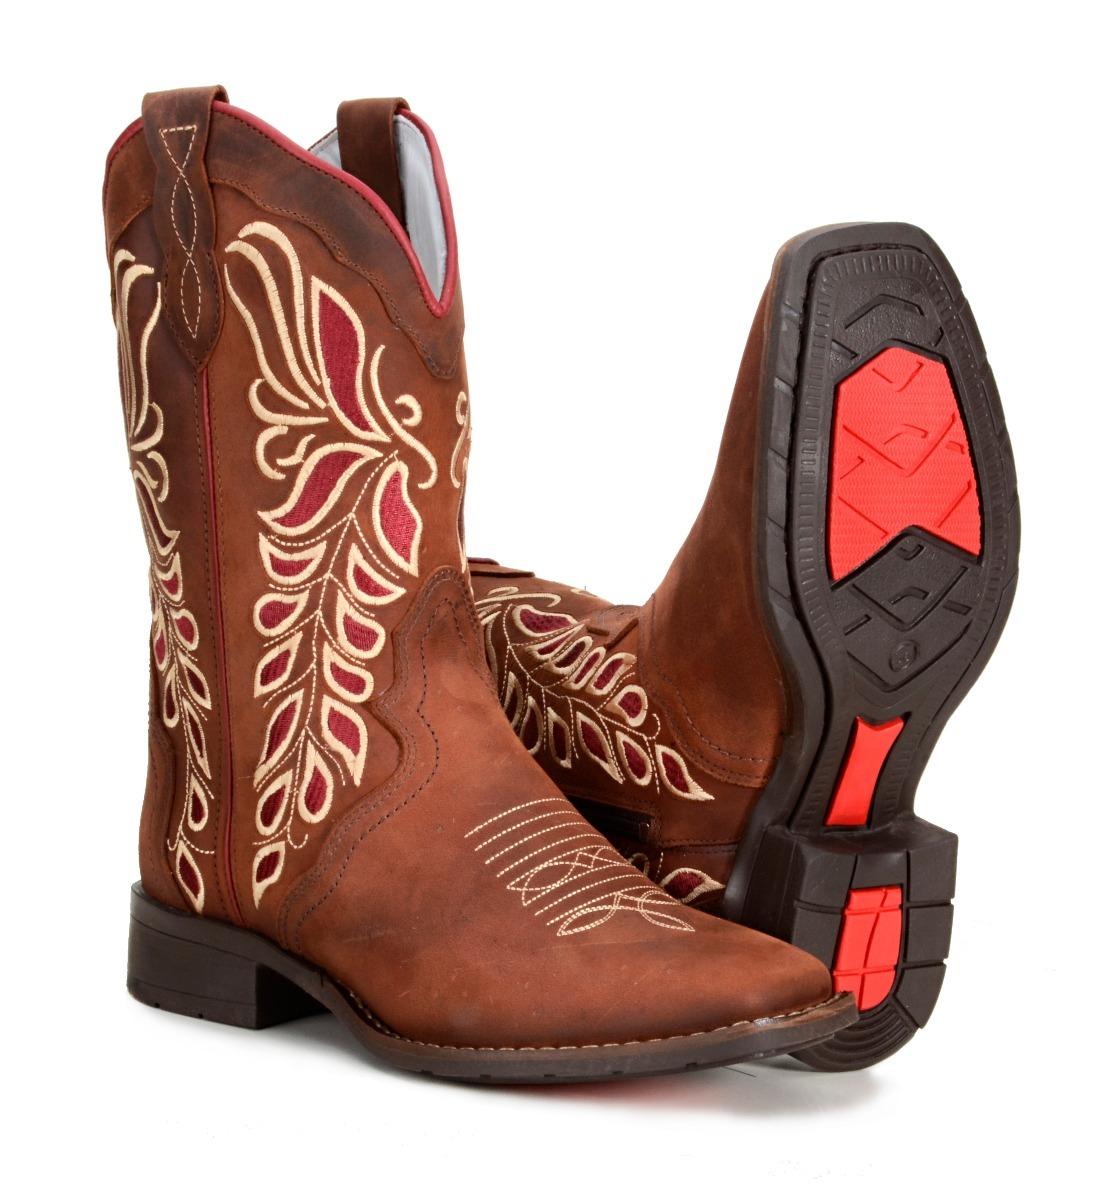 0d5b6448038 bota feminina country texana cano médio couro bico quadrado. Carregando  zoom.